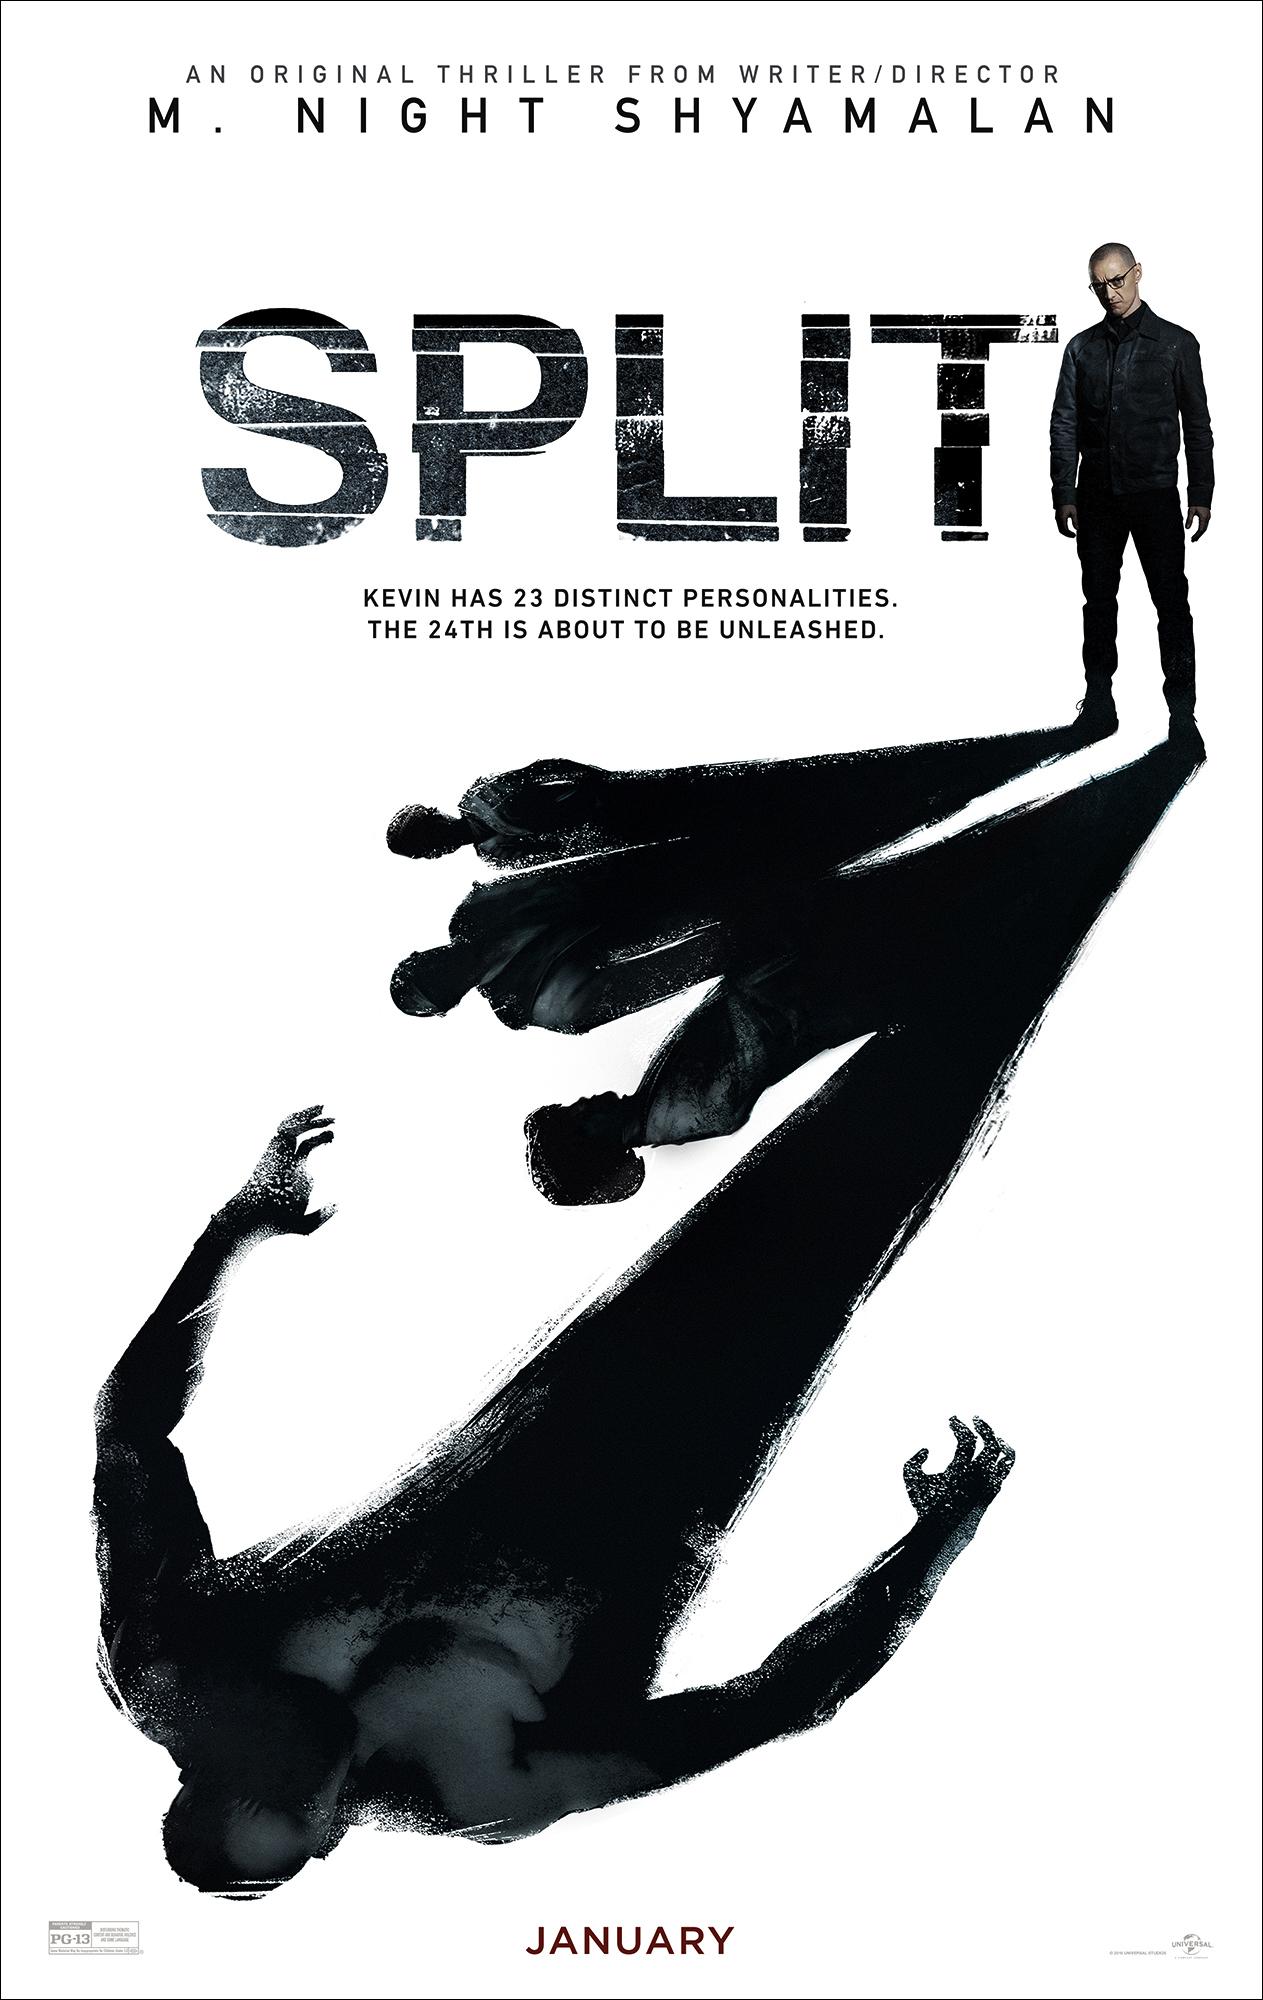 Split_1Sht_Teaser_Shadows_100dpi.jpg